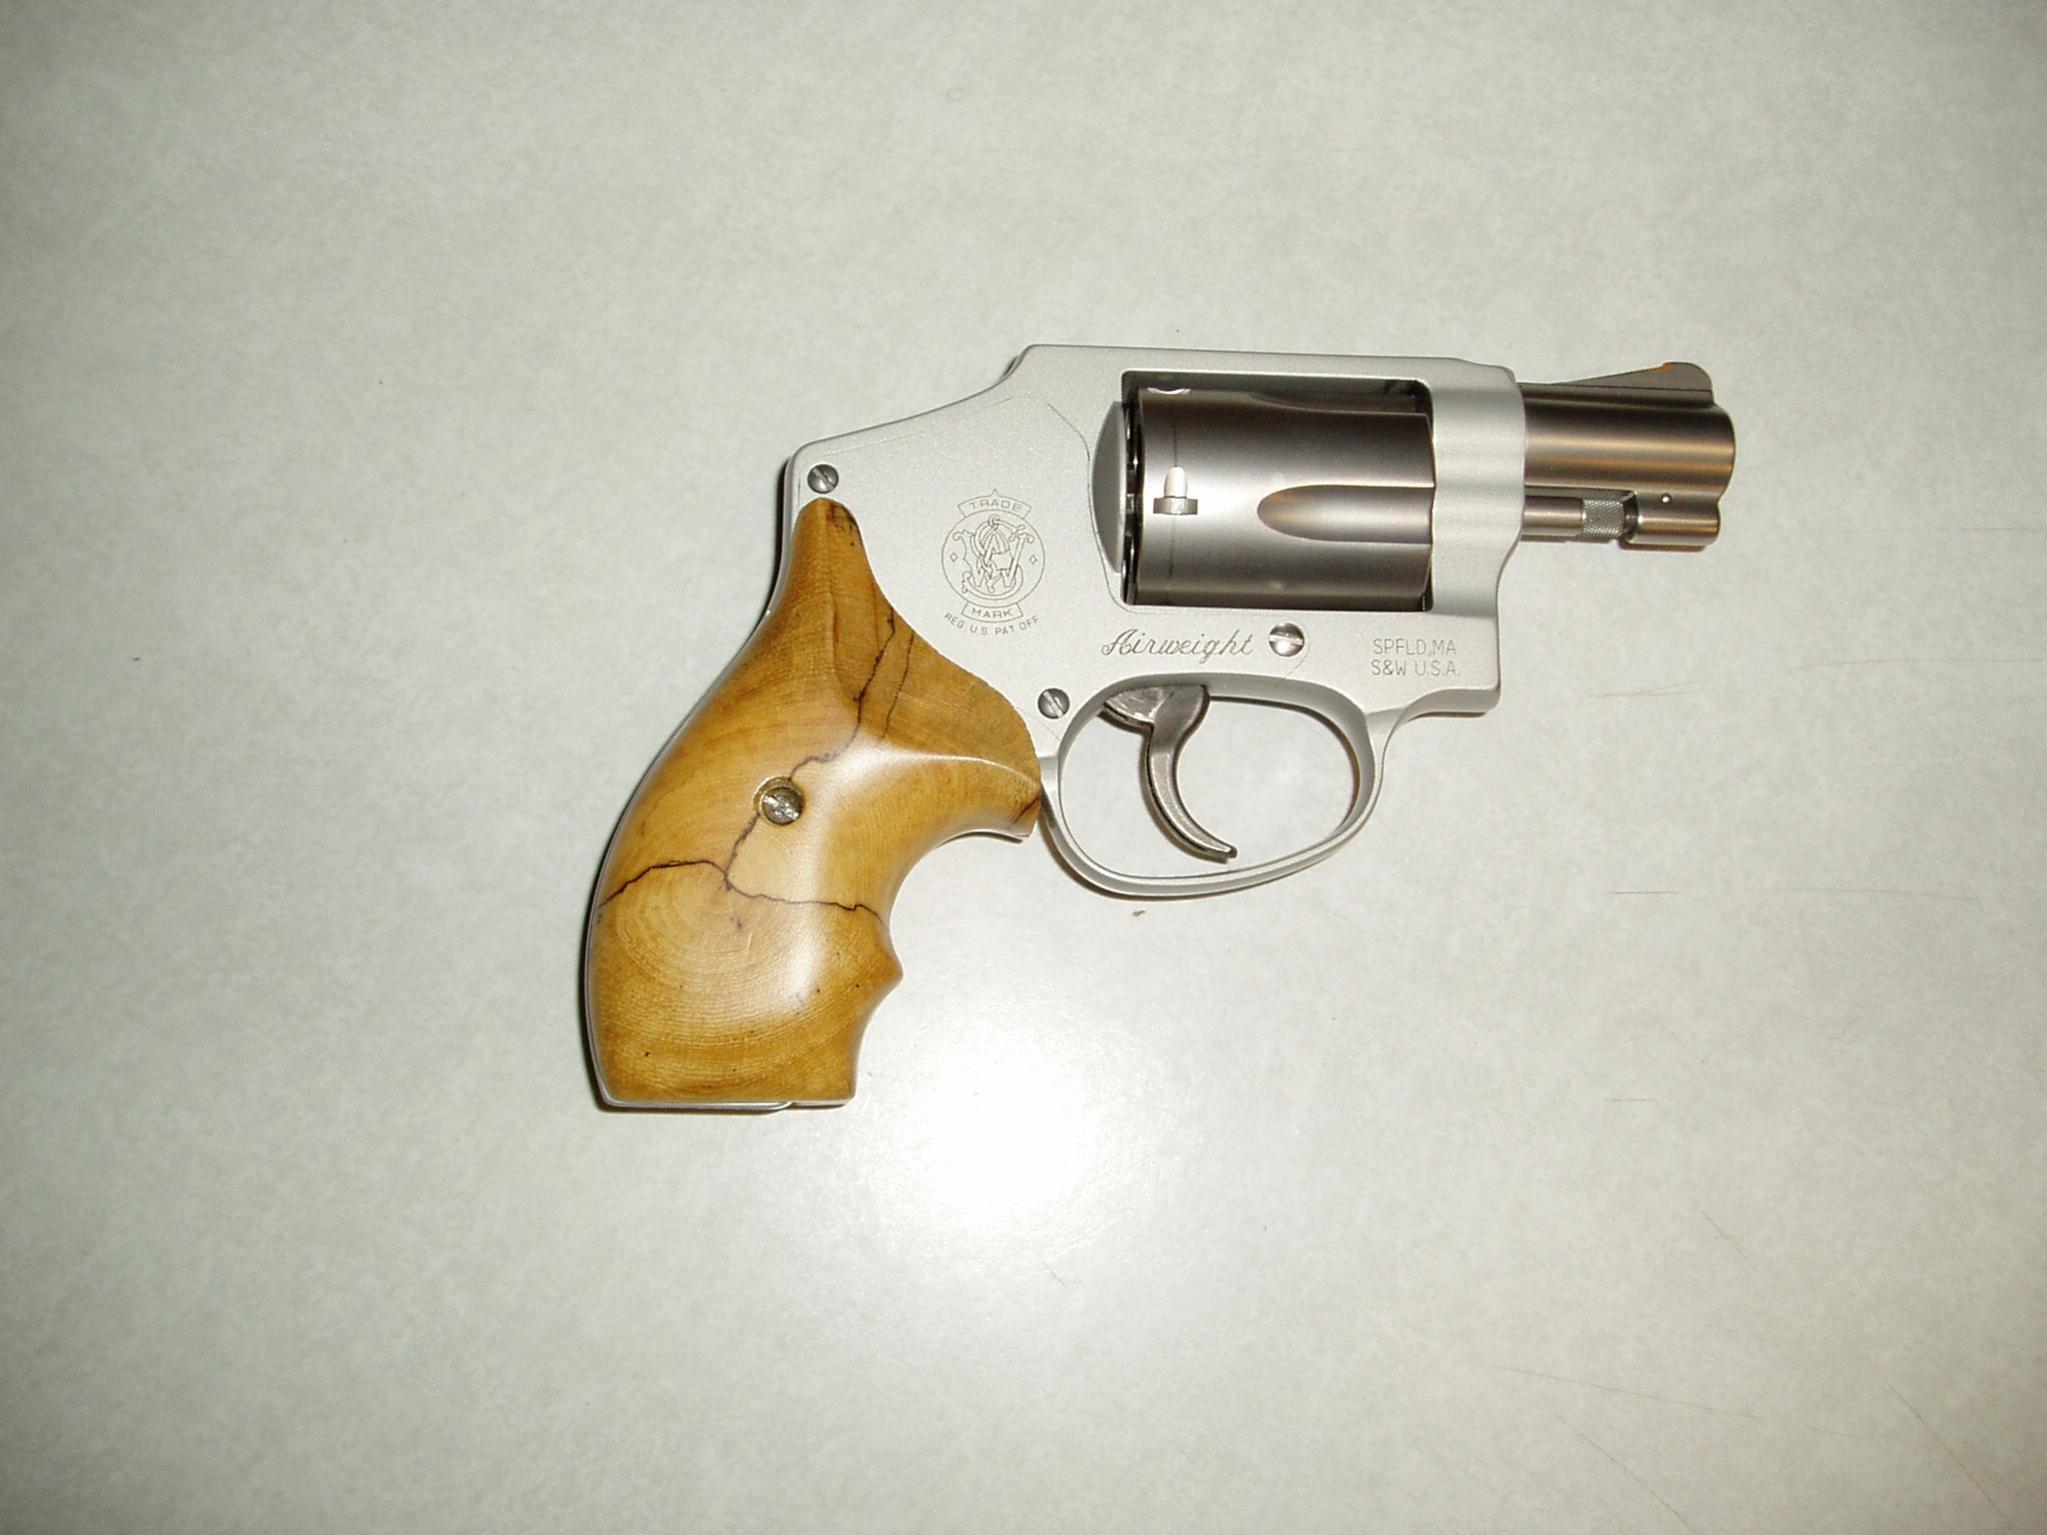 Charter Arms Off Duty Aluminum 38spl-guns-010.jpg